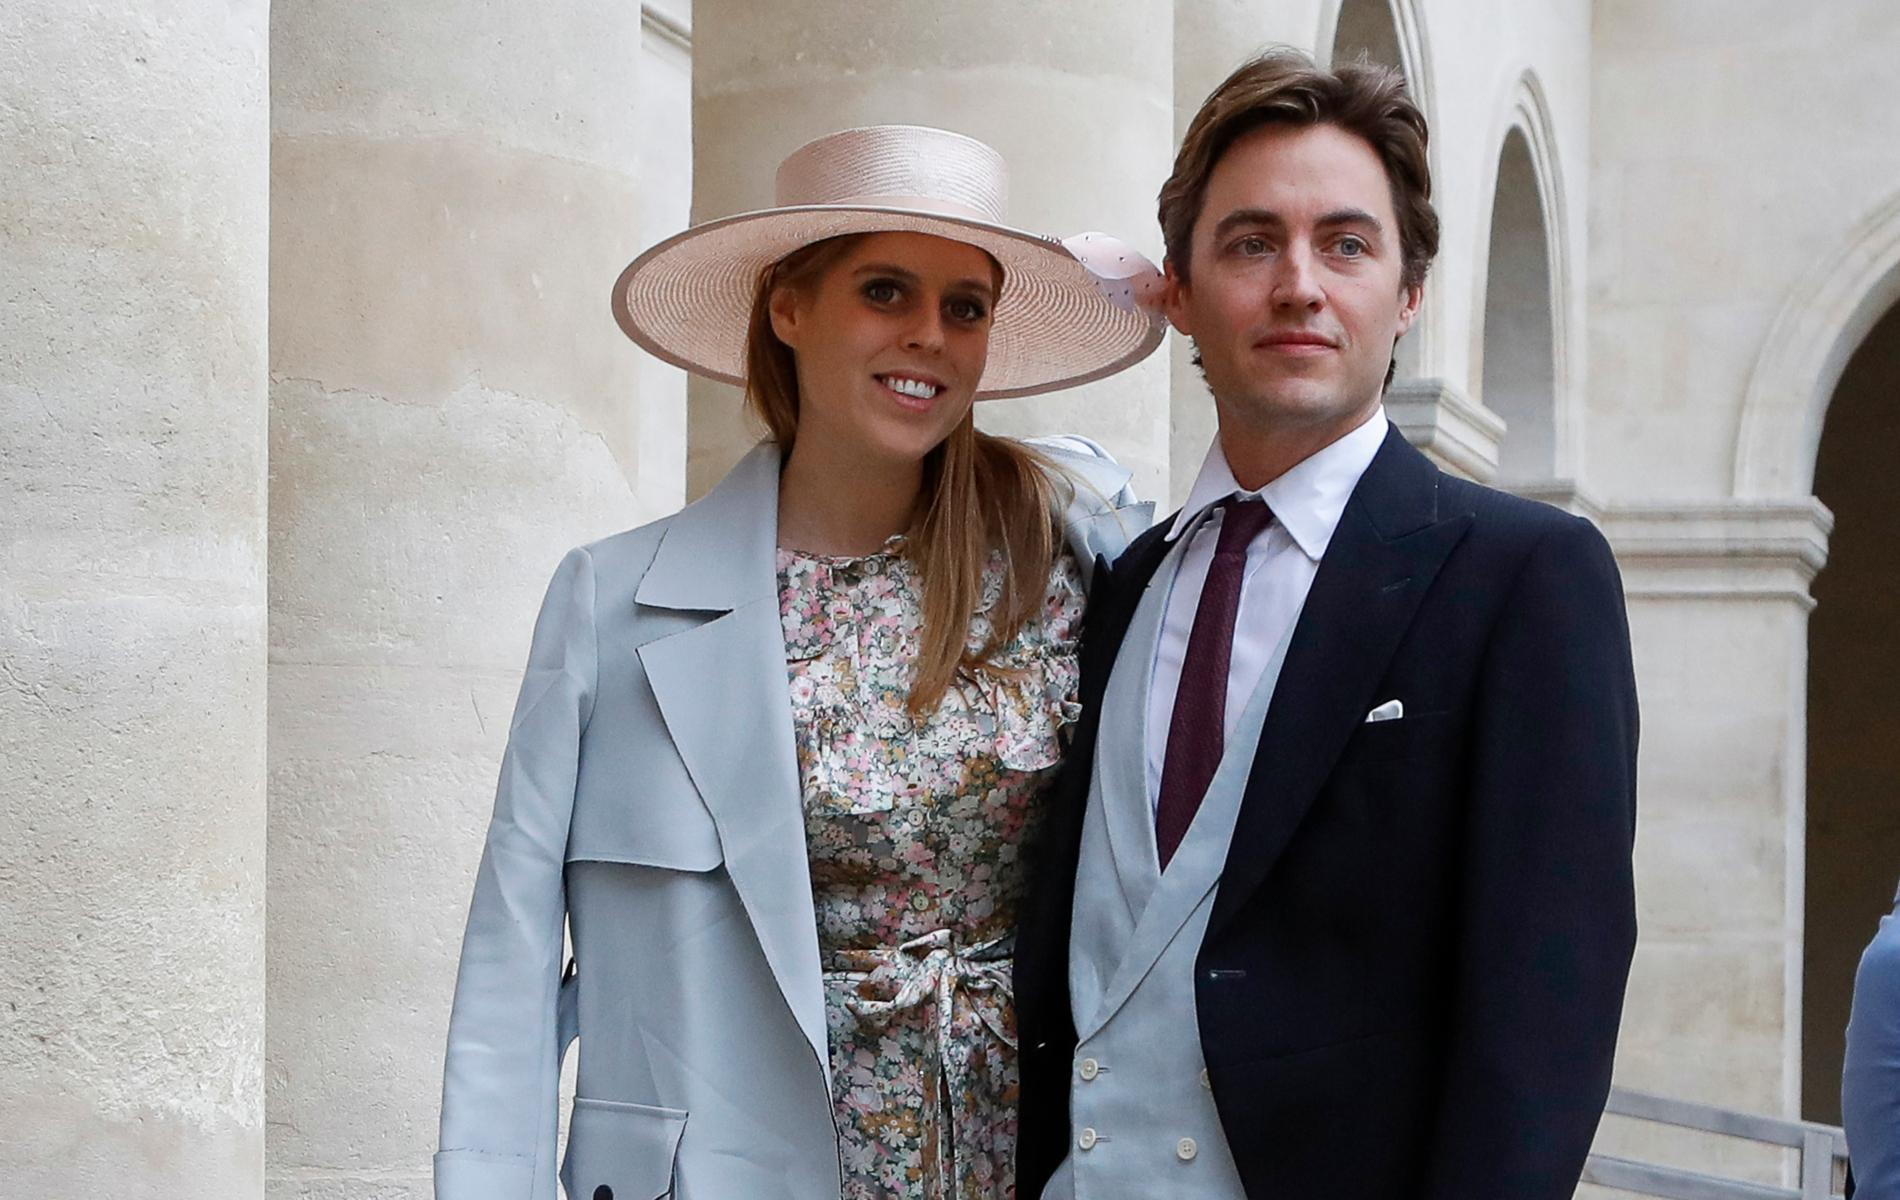 La princesse Beatrice, fille aînée du prince Andrew, dévoile le prénom d'inspiration italienne de sa fille